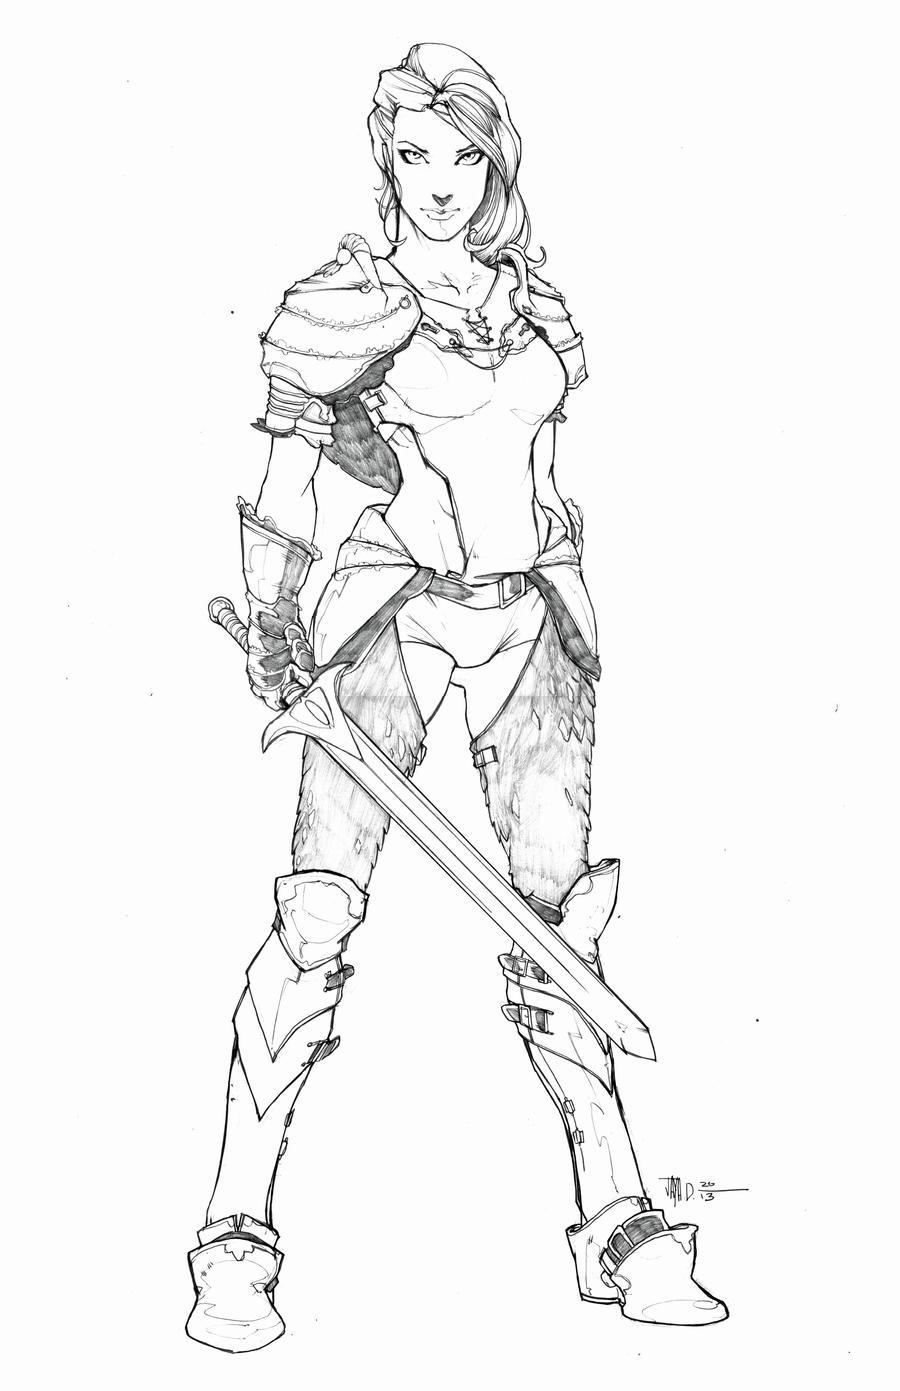 Warrior Princess by Harpokrates on DeviantArt